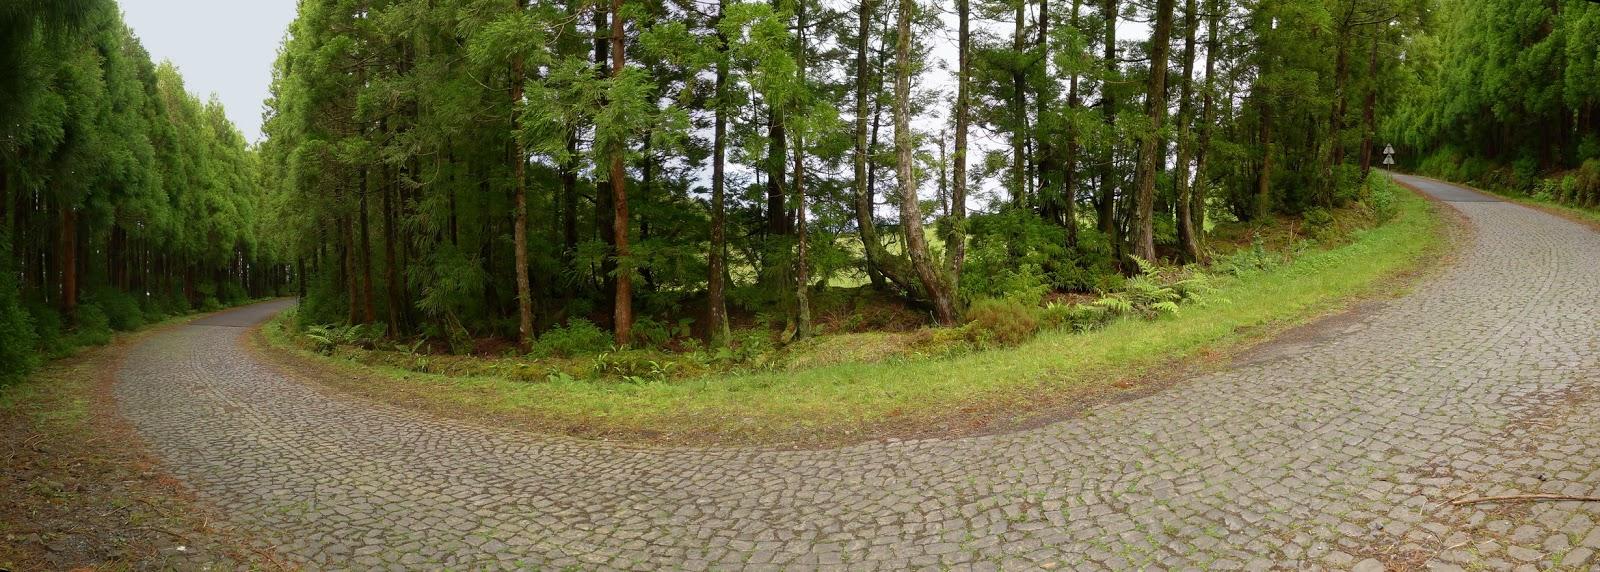 P1140199_Panorama.jpg